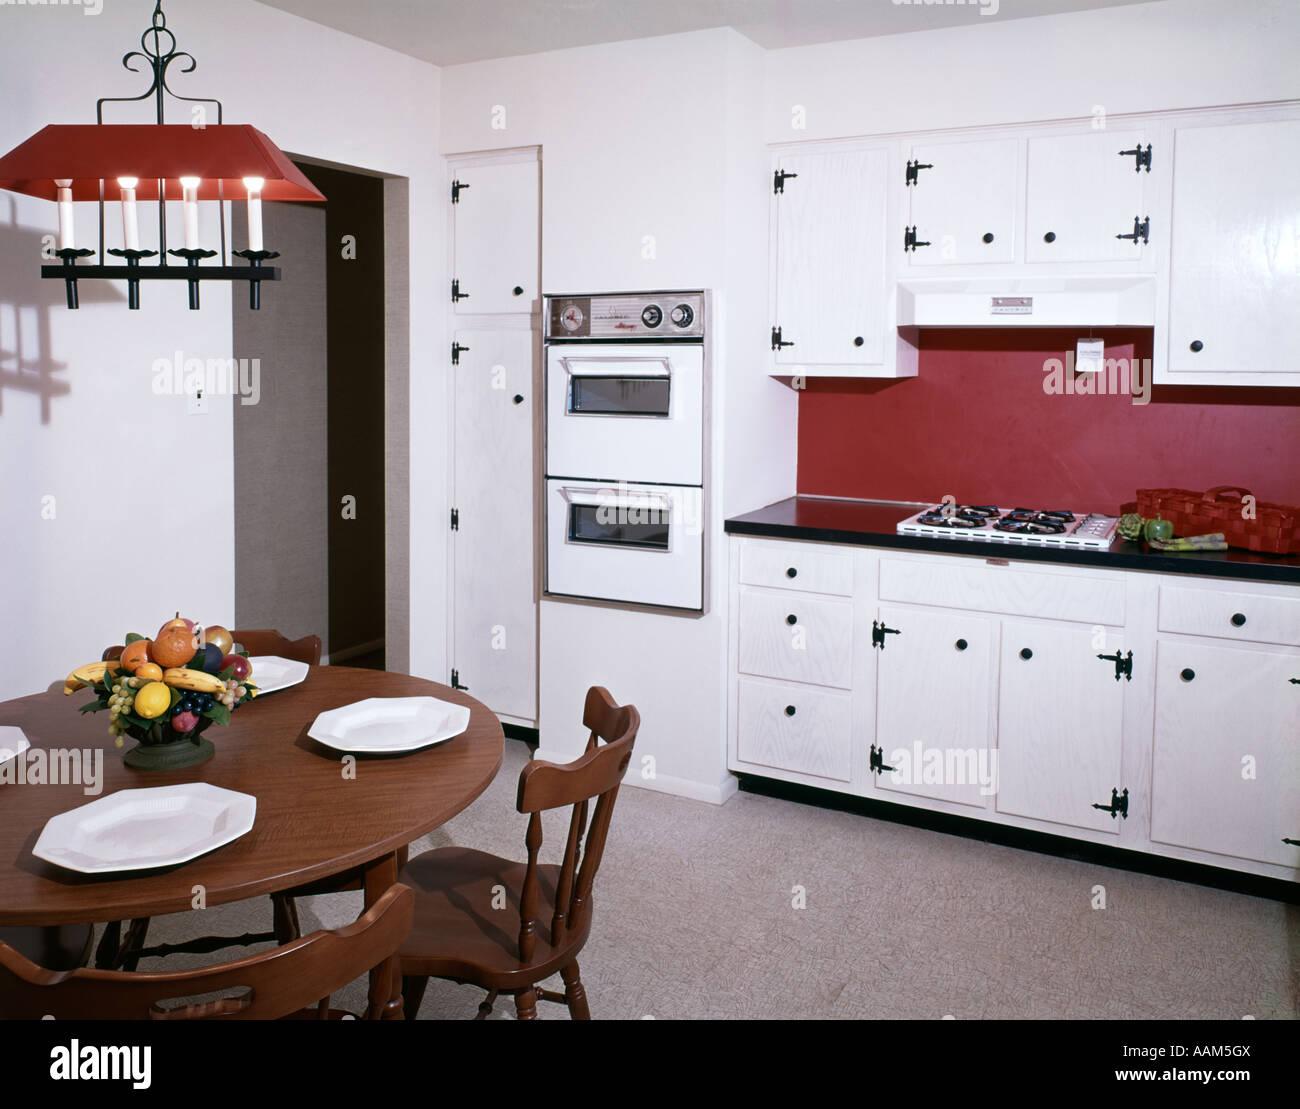 70er Jahre Küche Interieur Stockfotos & 70er Jahre Küche Interieur ...